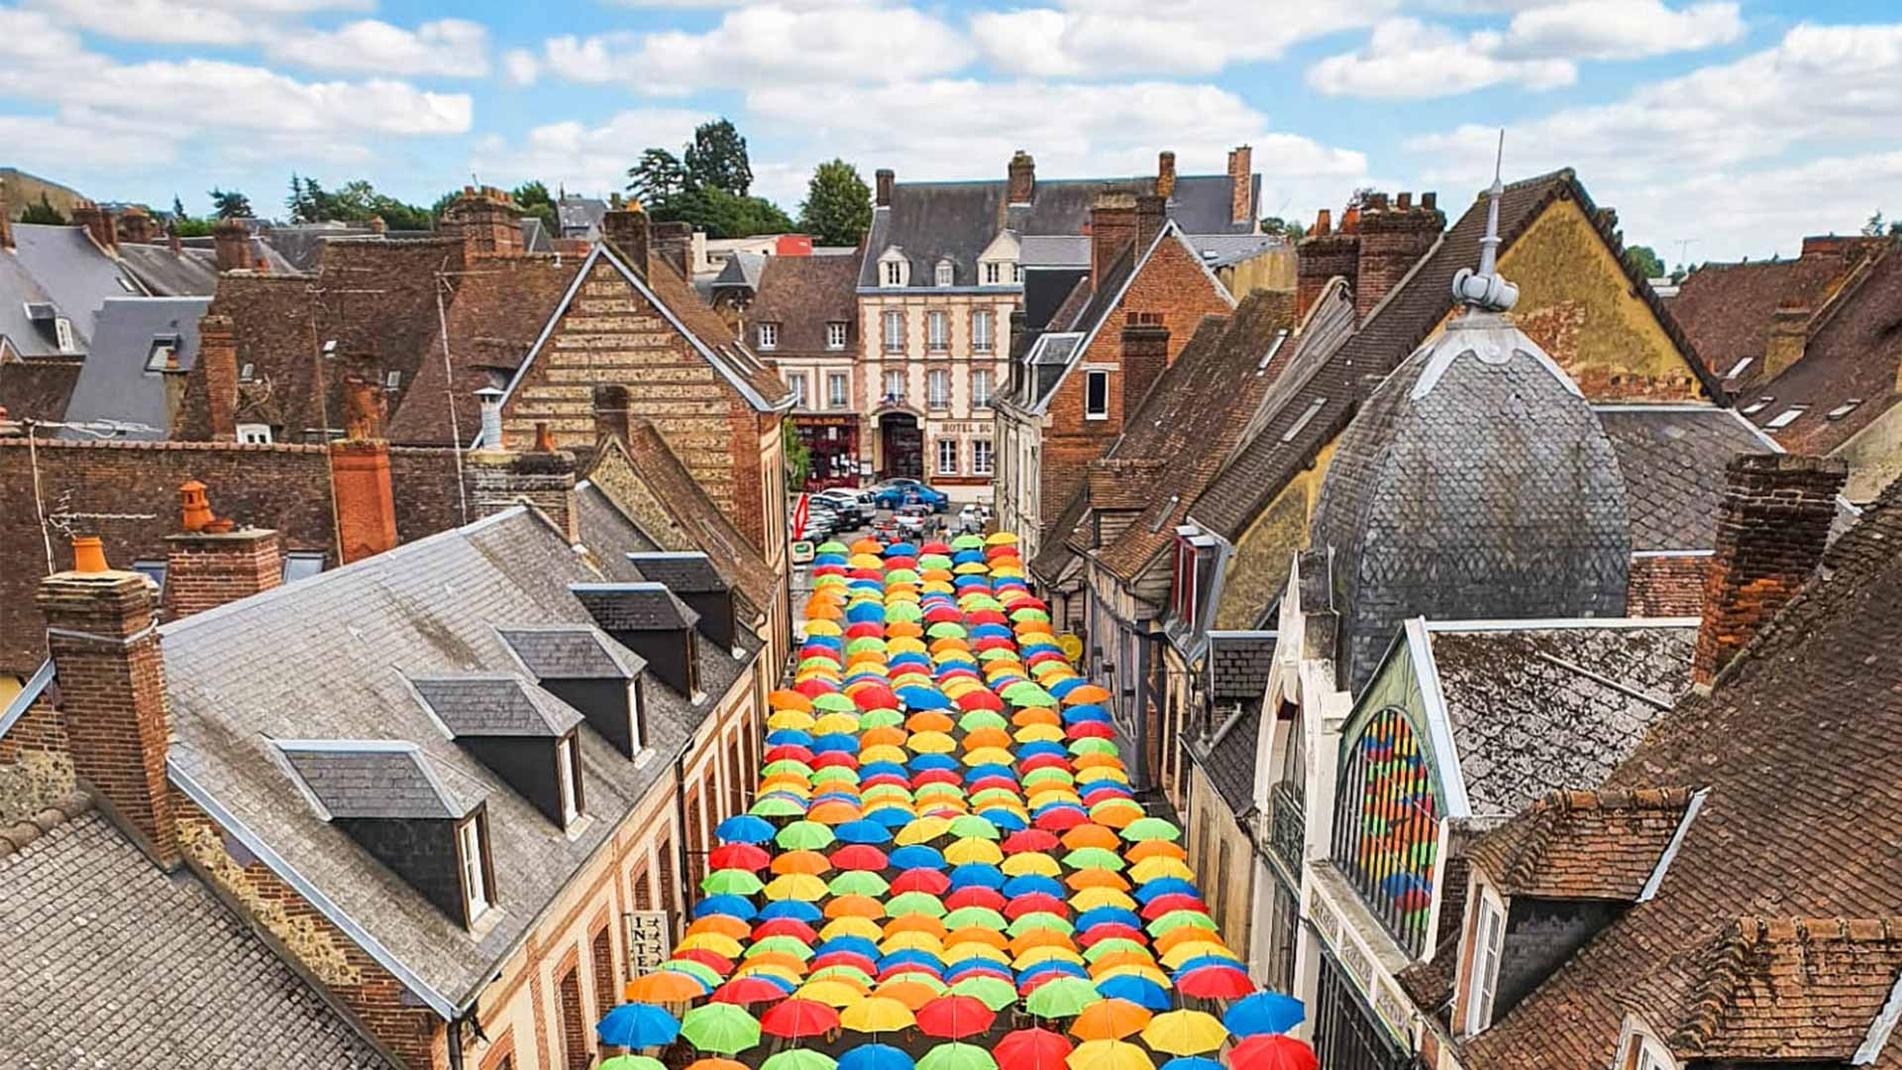 Umbrella Sky Project - L'Aigle'20